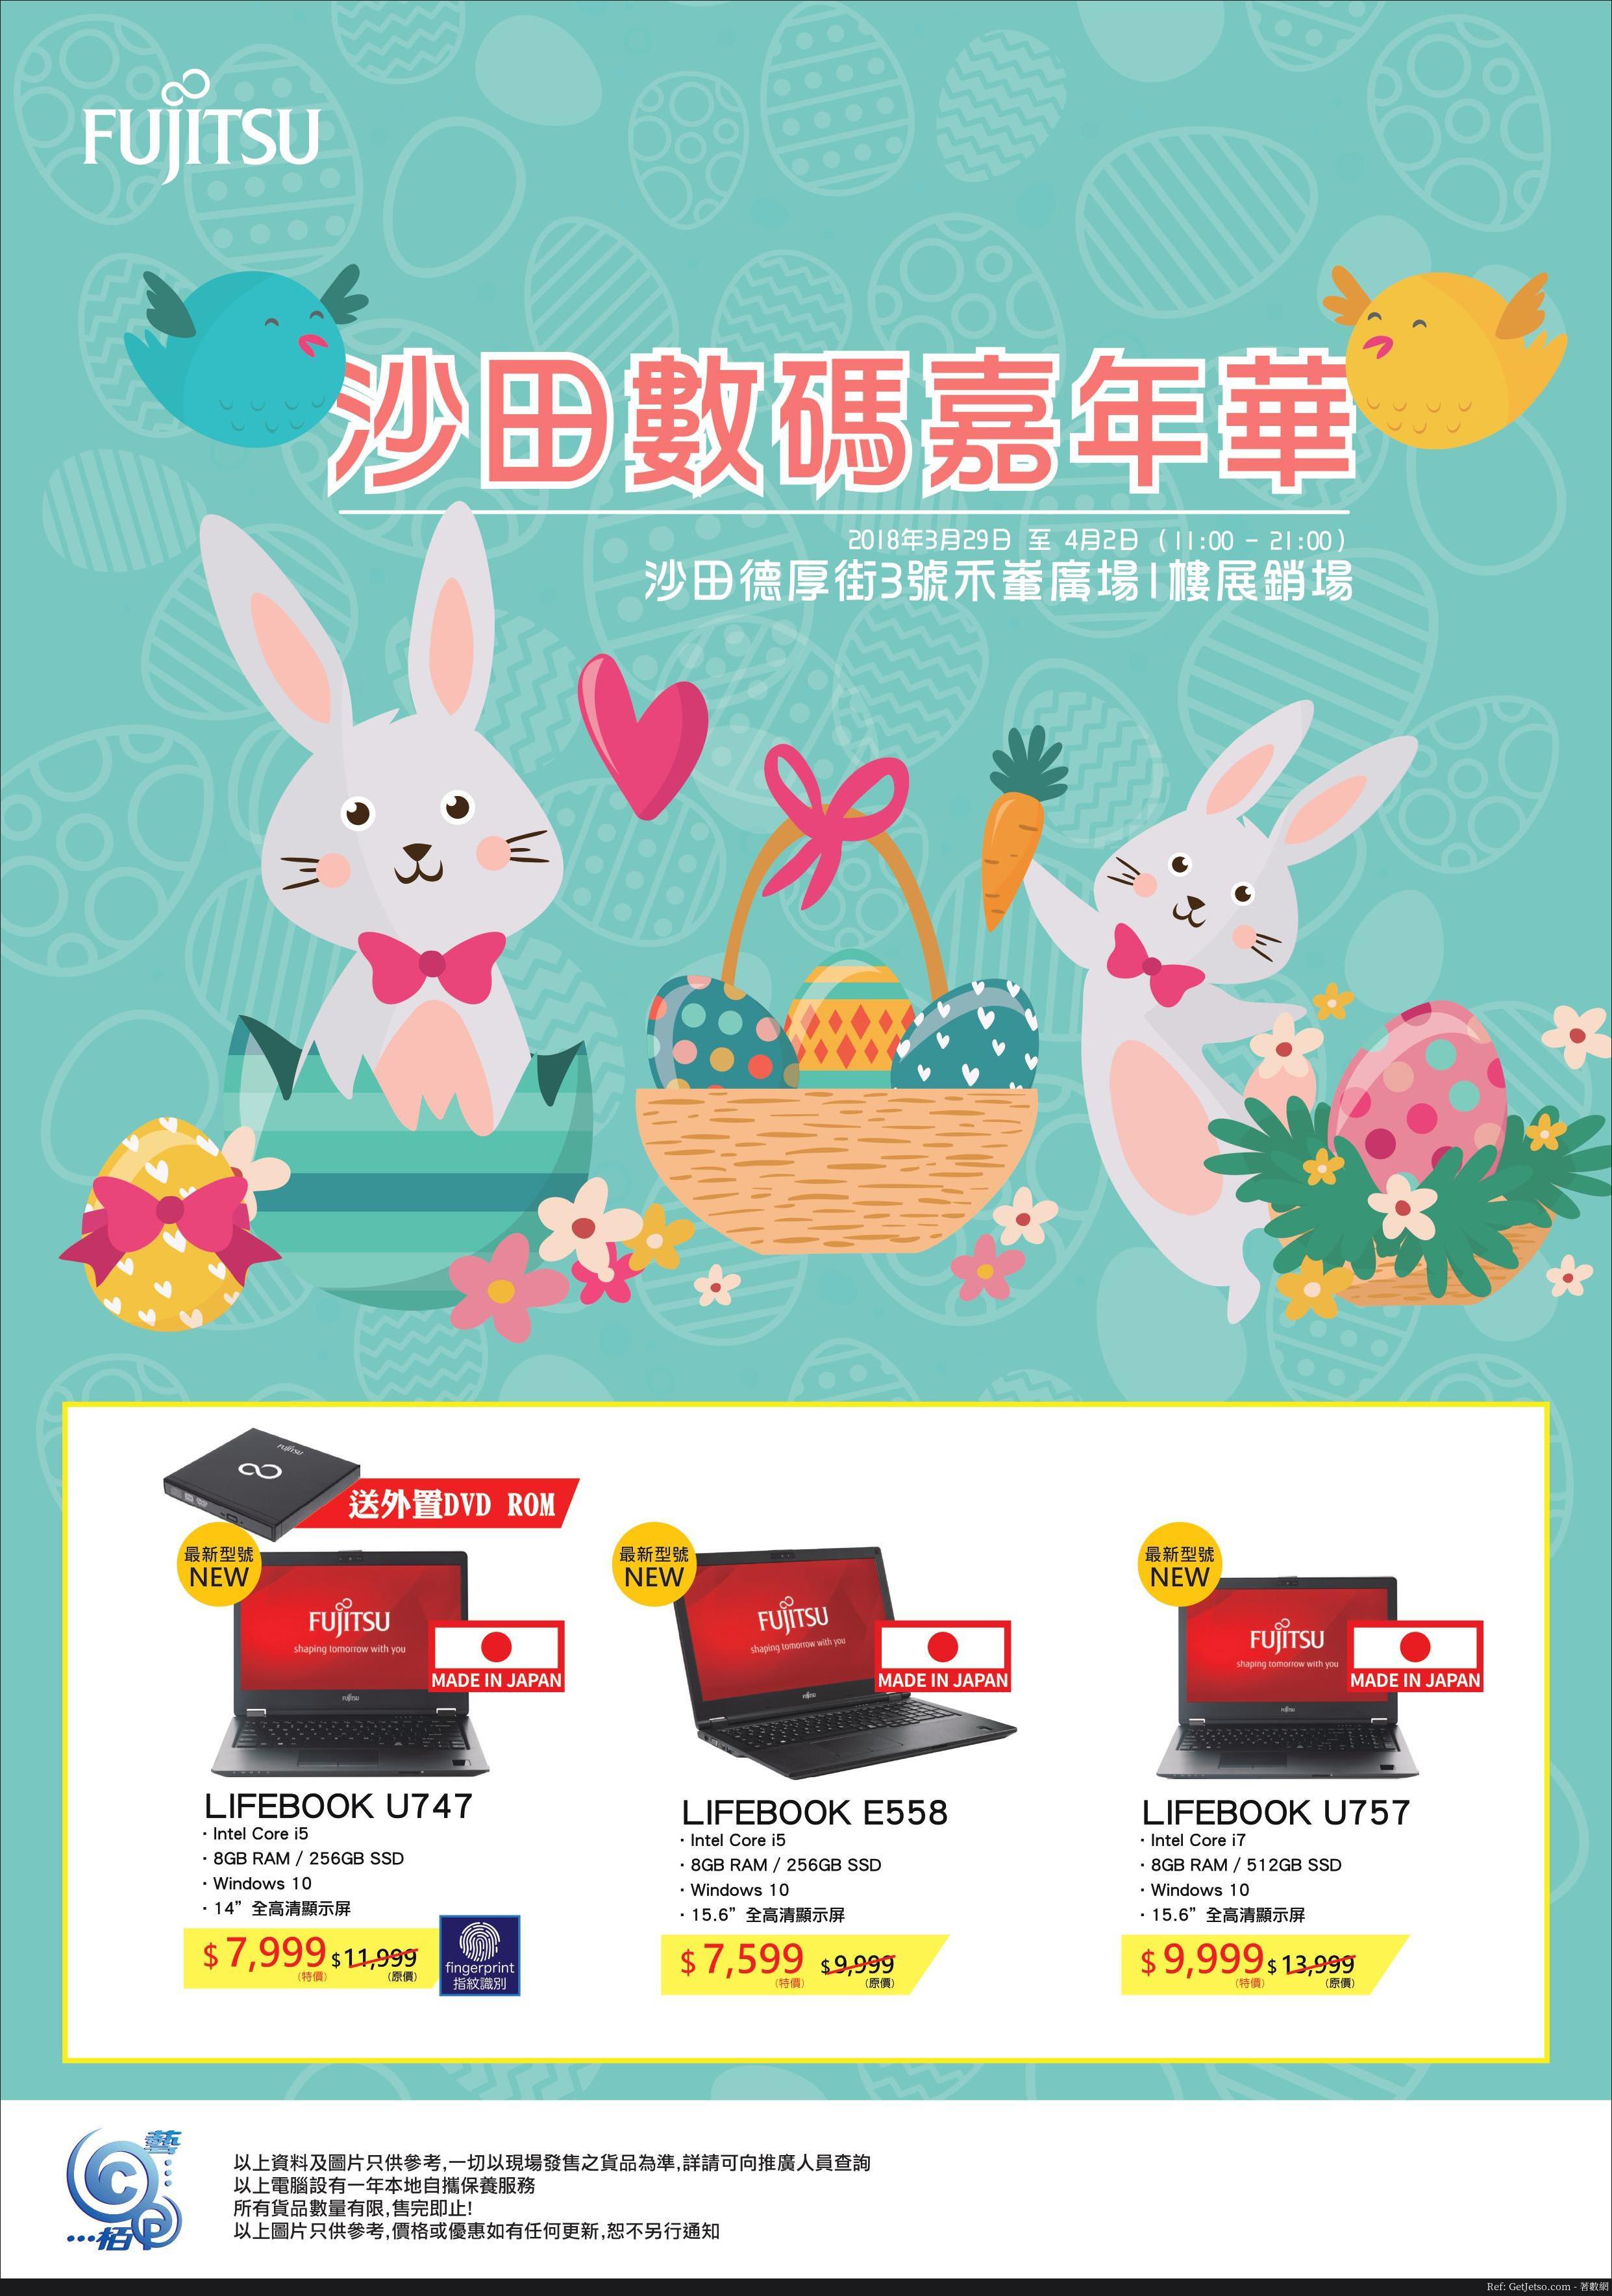 低至5折電腦用品減價優惠@沙田數碼嘉年華(18年3月29-4月2日)